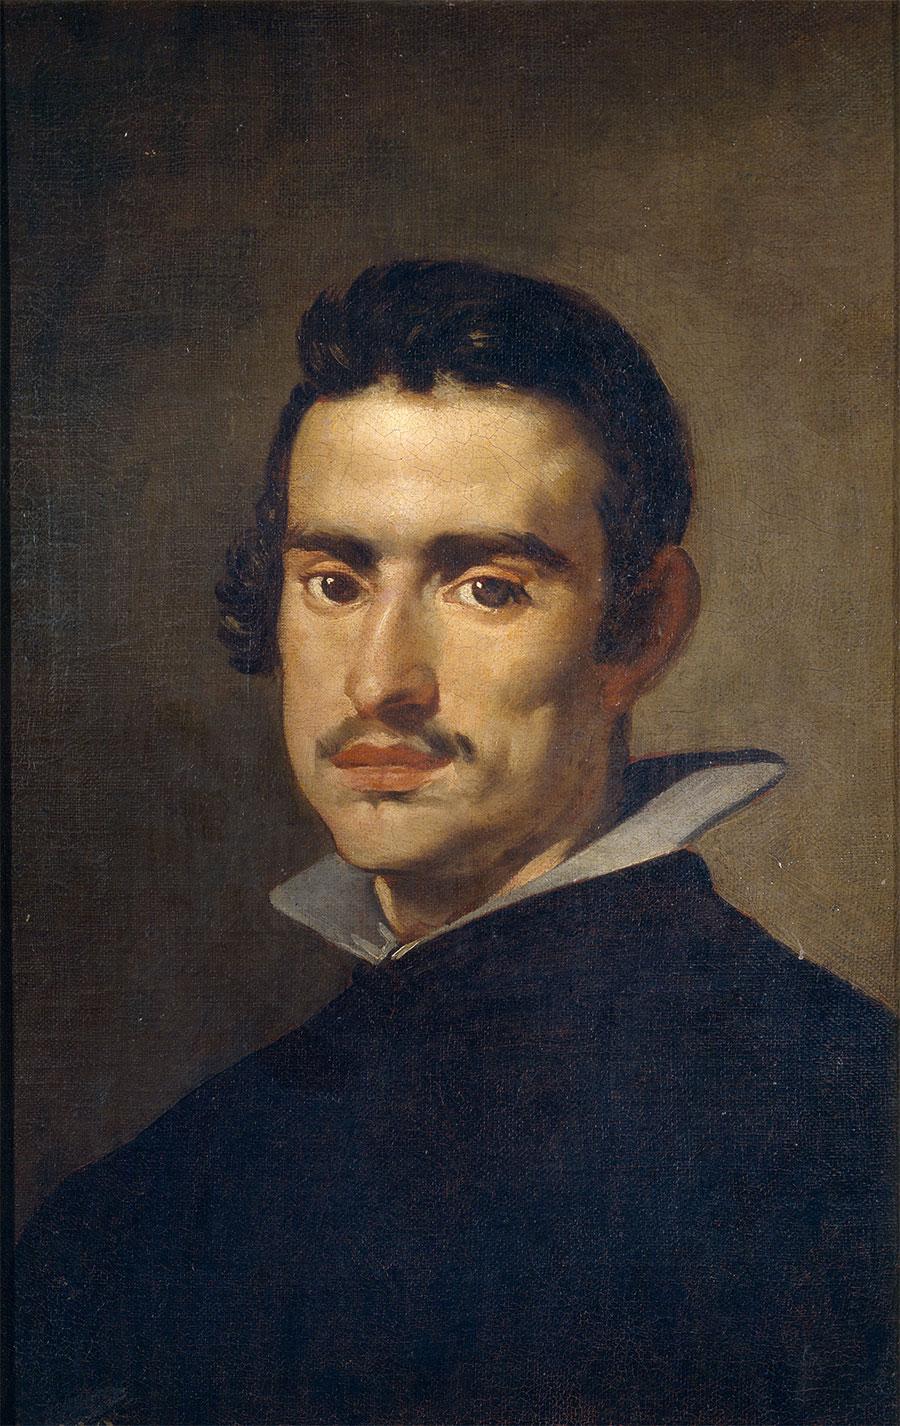 Diego Velázquez - Retrato de joven (¿Autorretrato?)